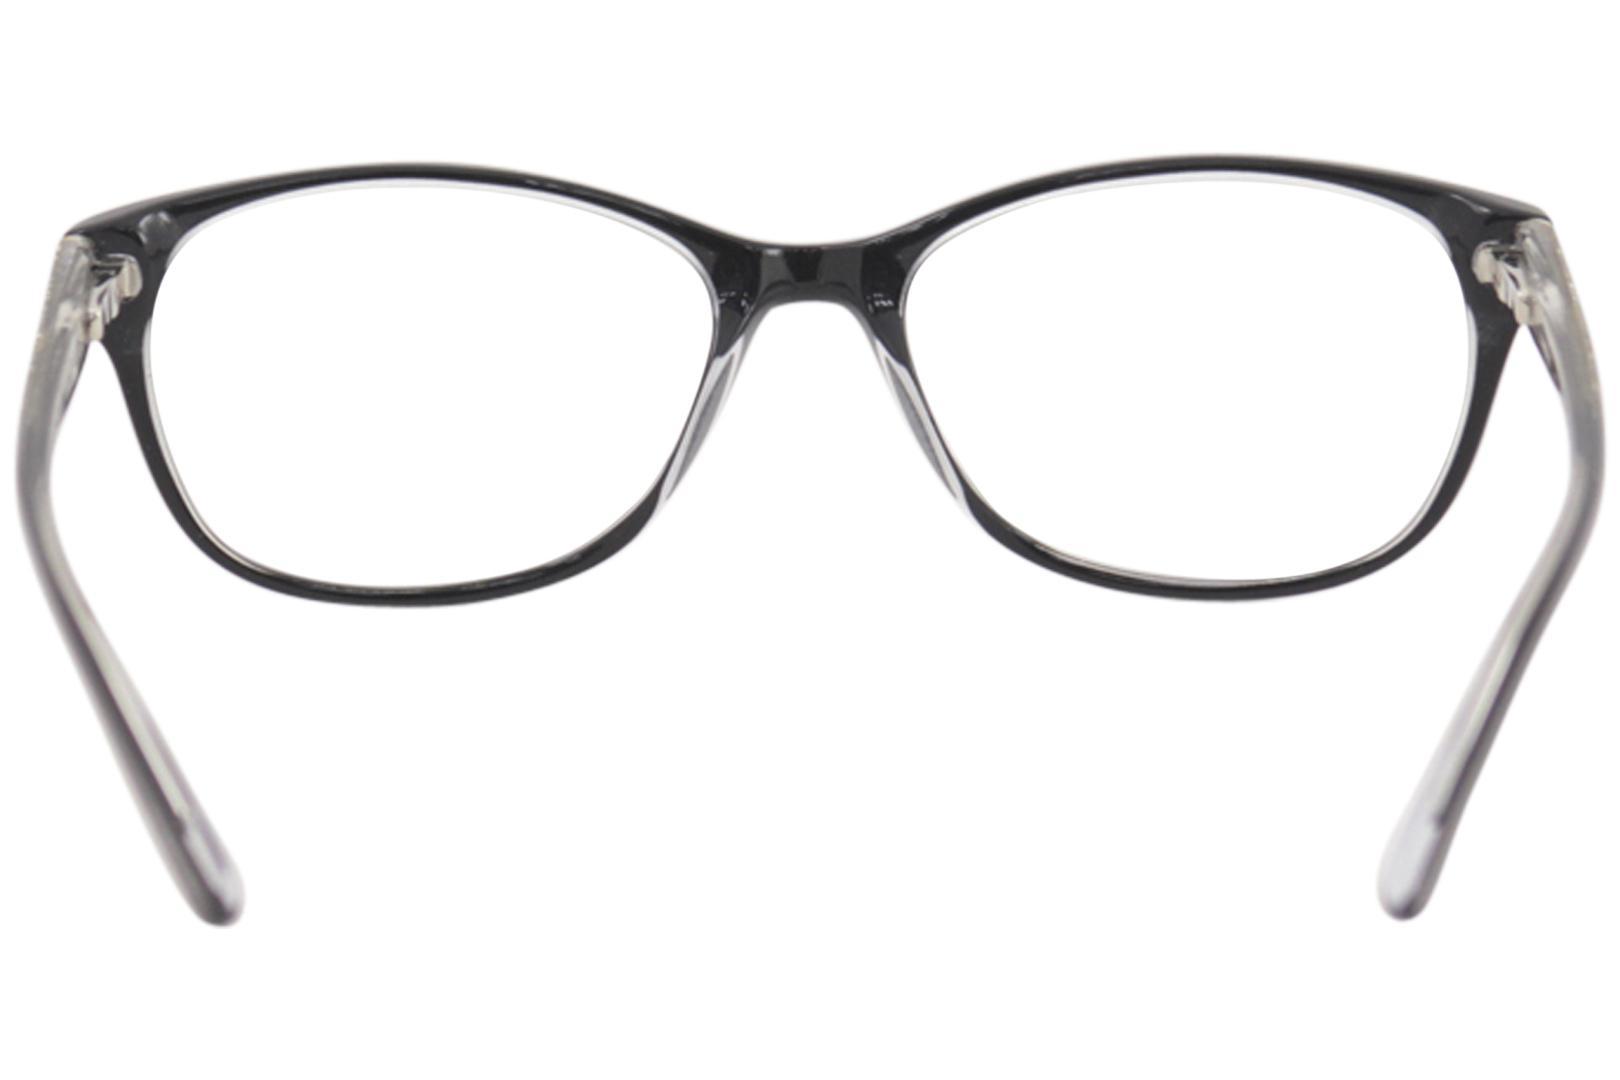 13b82655e3b Bebe Women s Sparkle Eyeglasses BB5123 BB 5123 Full Rim Optical Frame by  Bebe. 12345